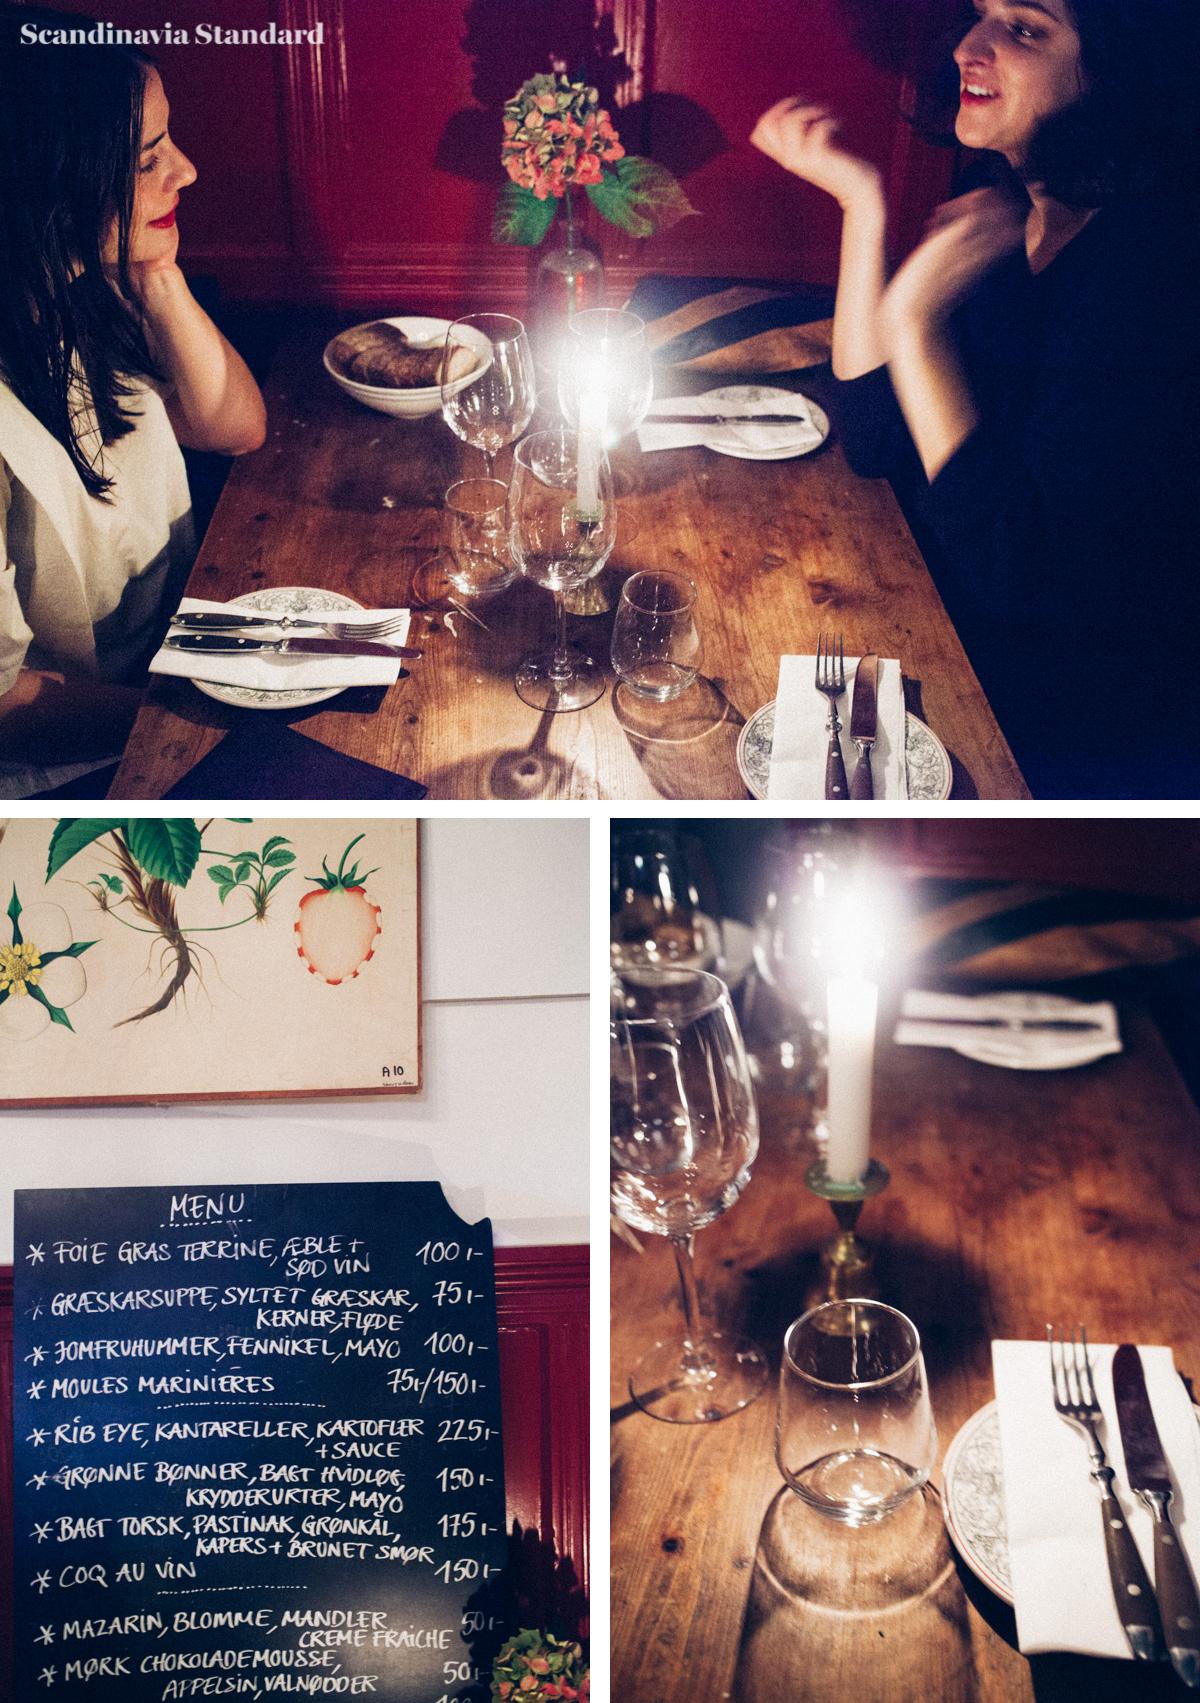 Je t'aime tables | Scandinavia Standard